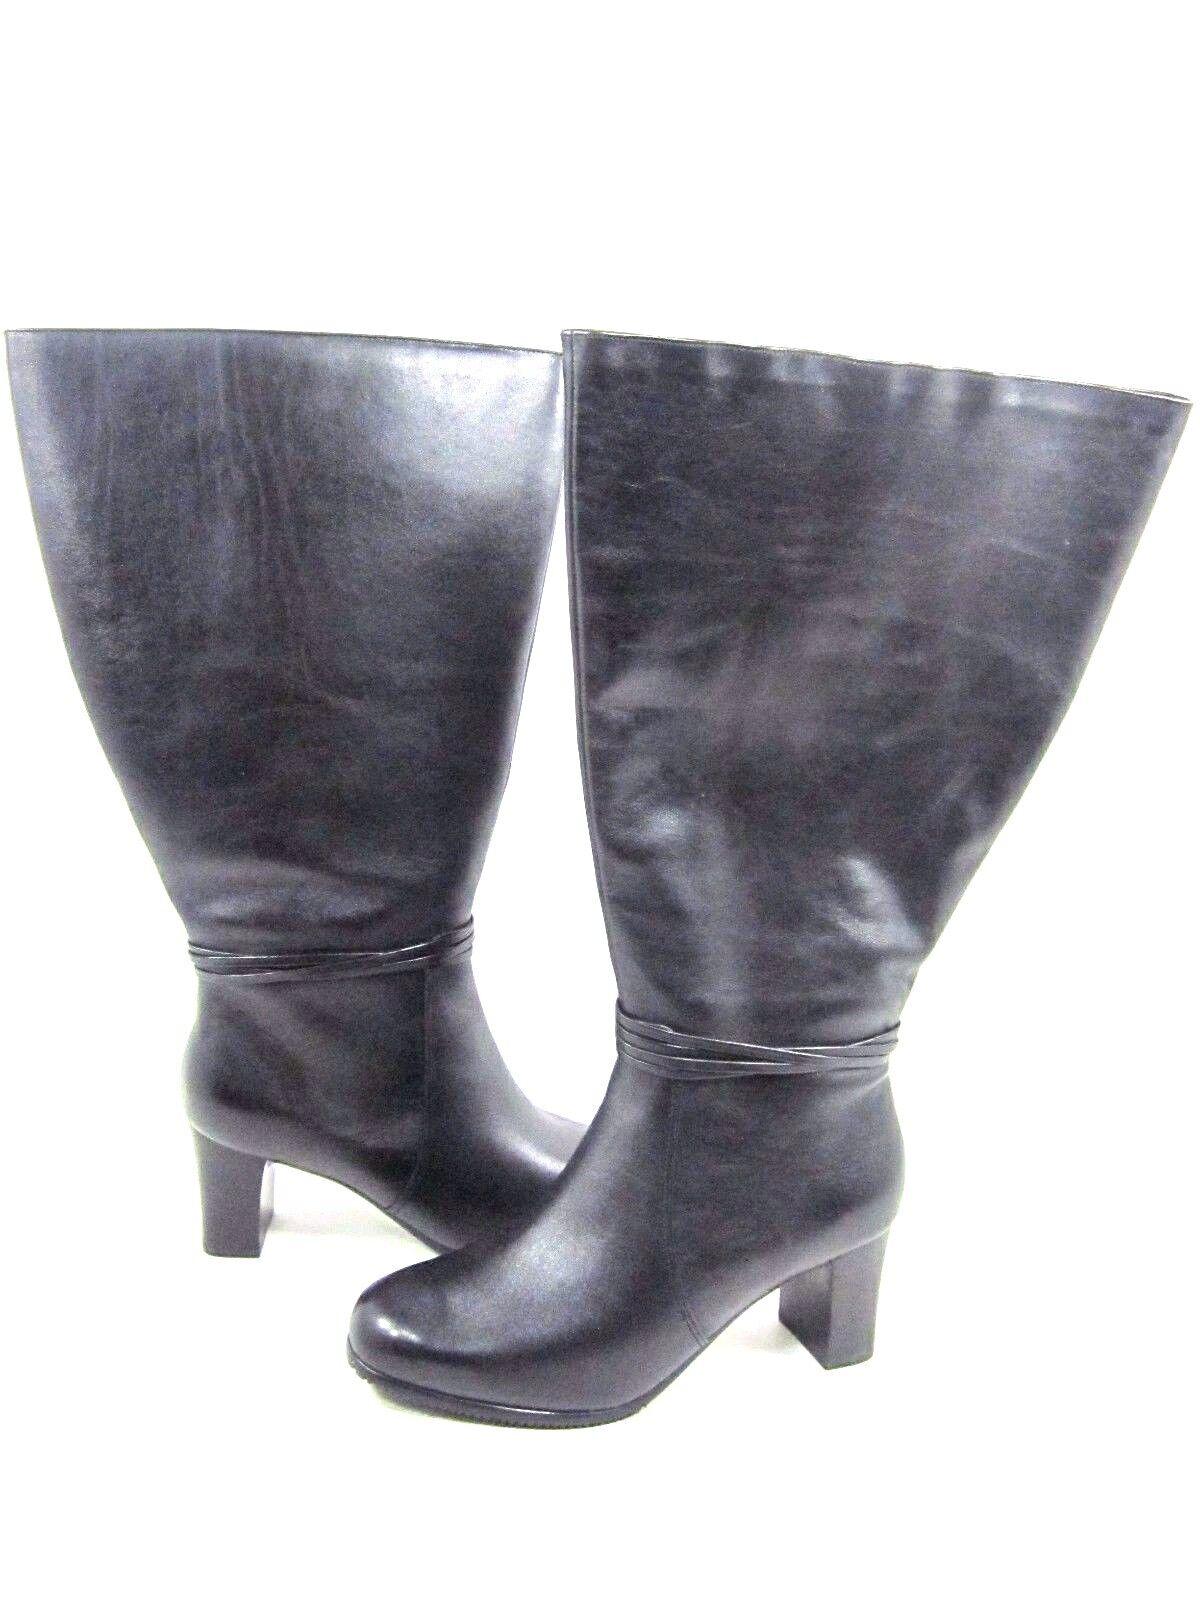 prezzi bassissimi DAVID TATE donna DAYTONA LEATHER LEATHER LEATHER stivali,nero, US Dimensione 7.5 EXTRA WIDE  negozio di moda in vendita